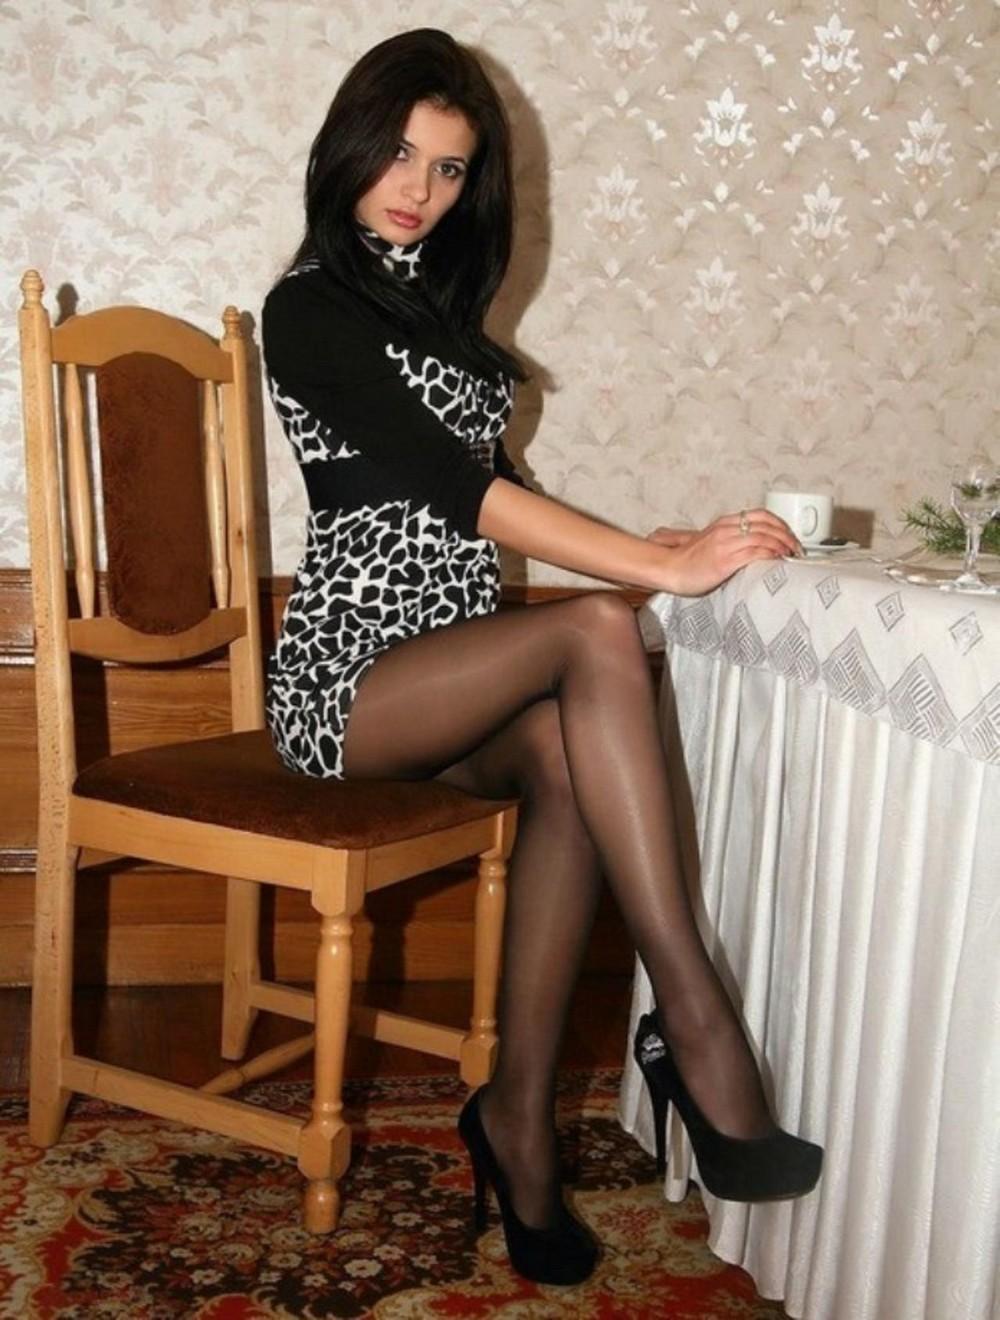 seks-devushki-v-kolgotkah-foto-domashnee-vozraste-bez-bikini